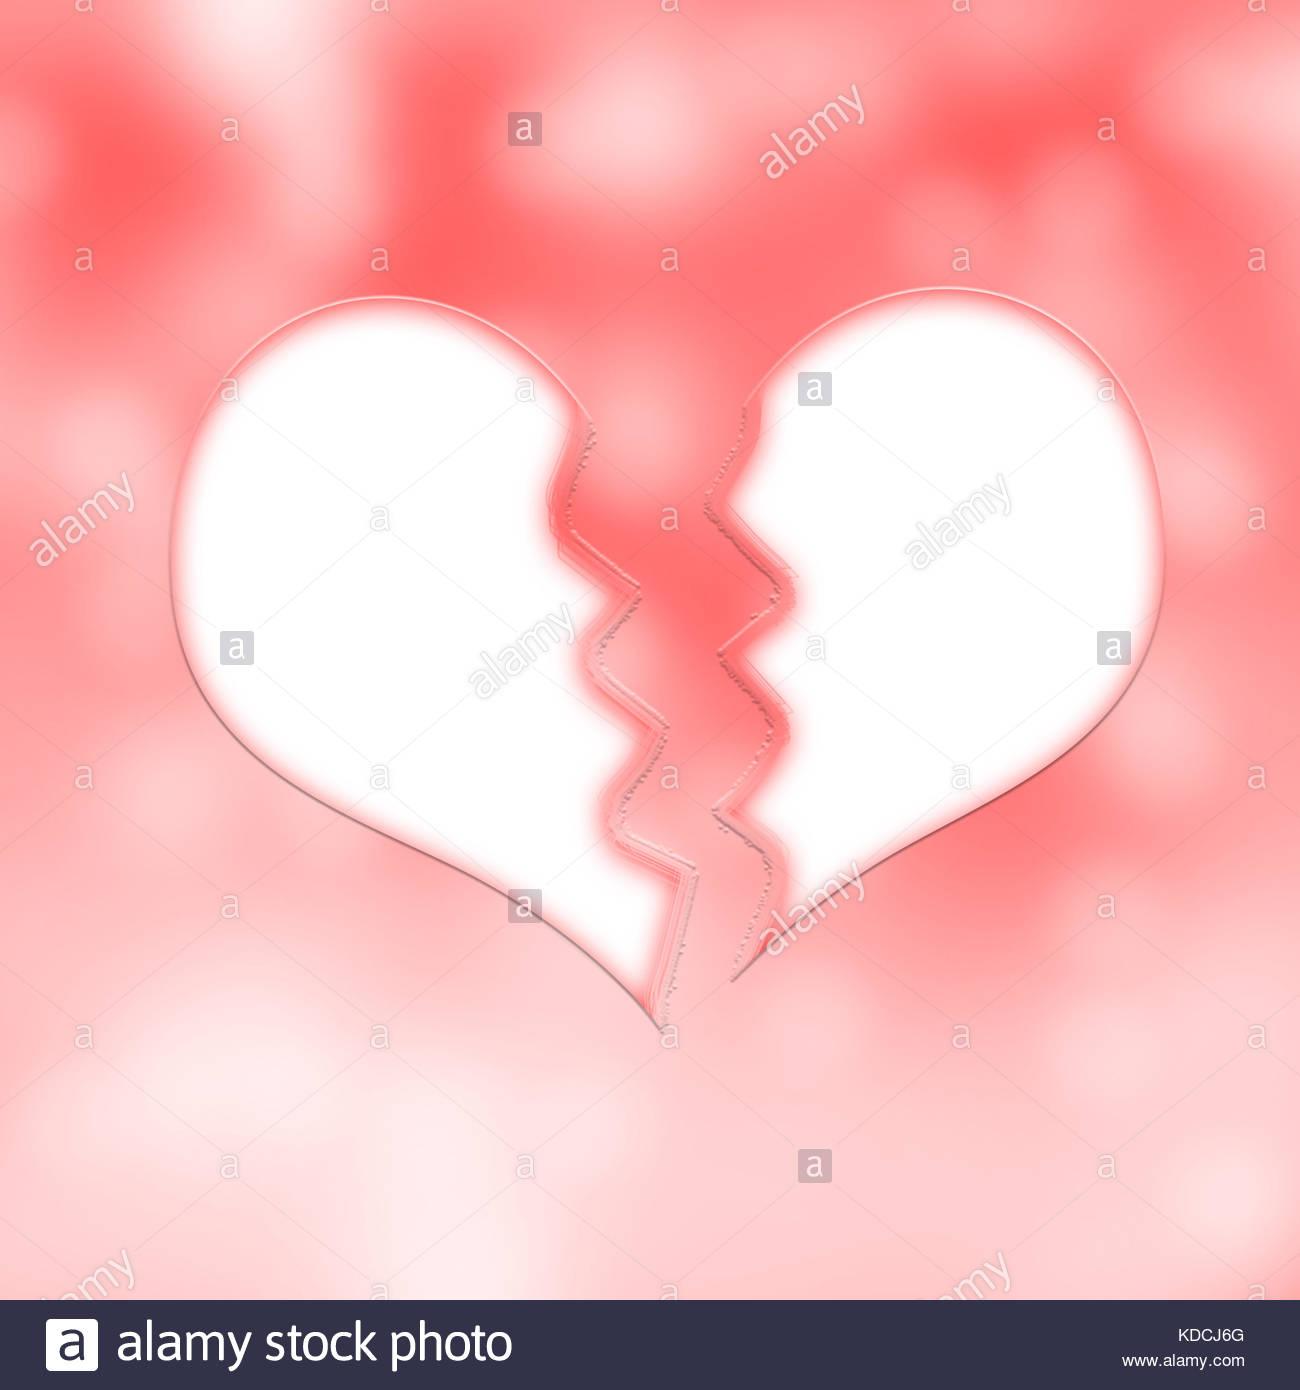 Helle Farbe Weiß gebrochenes Herz Symbol auf unscharfen rote und weiße Licht bokeh Hintergrund. Konzeptionelle Stockbild